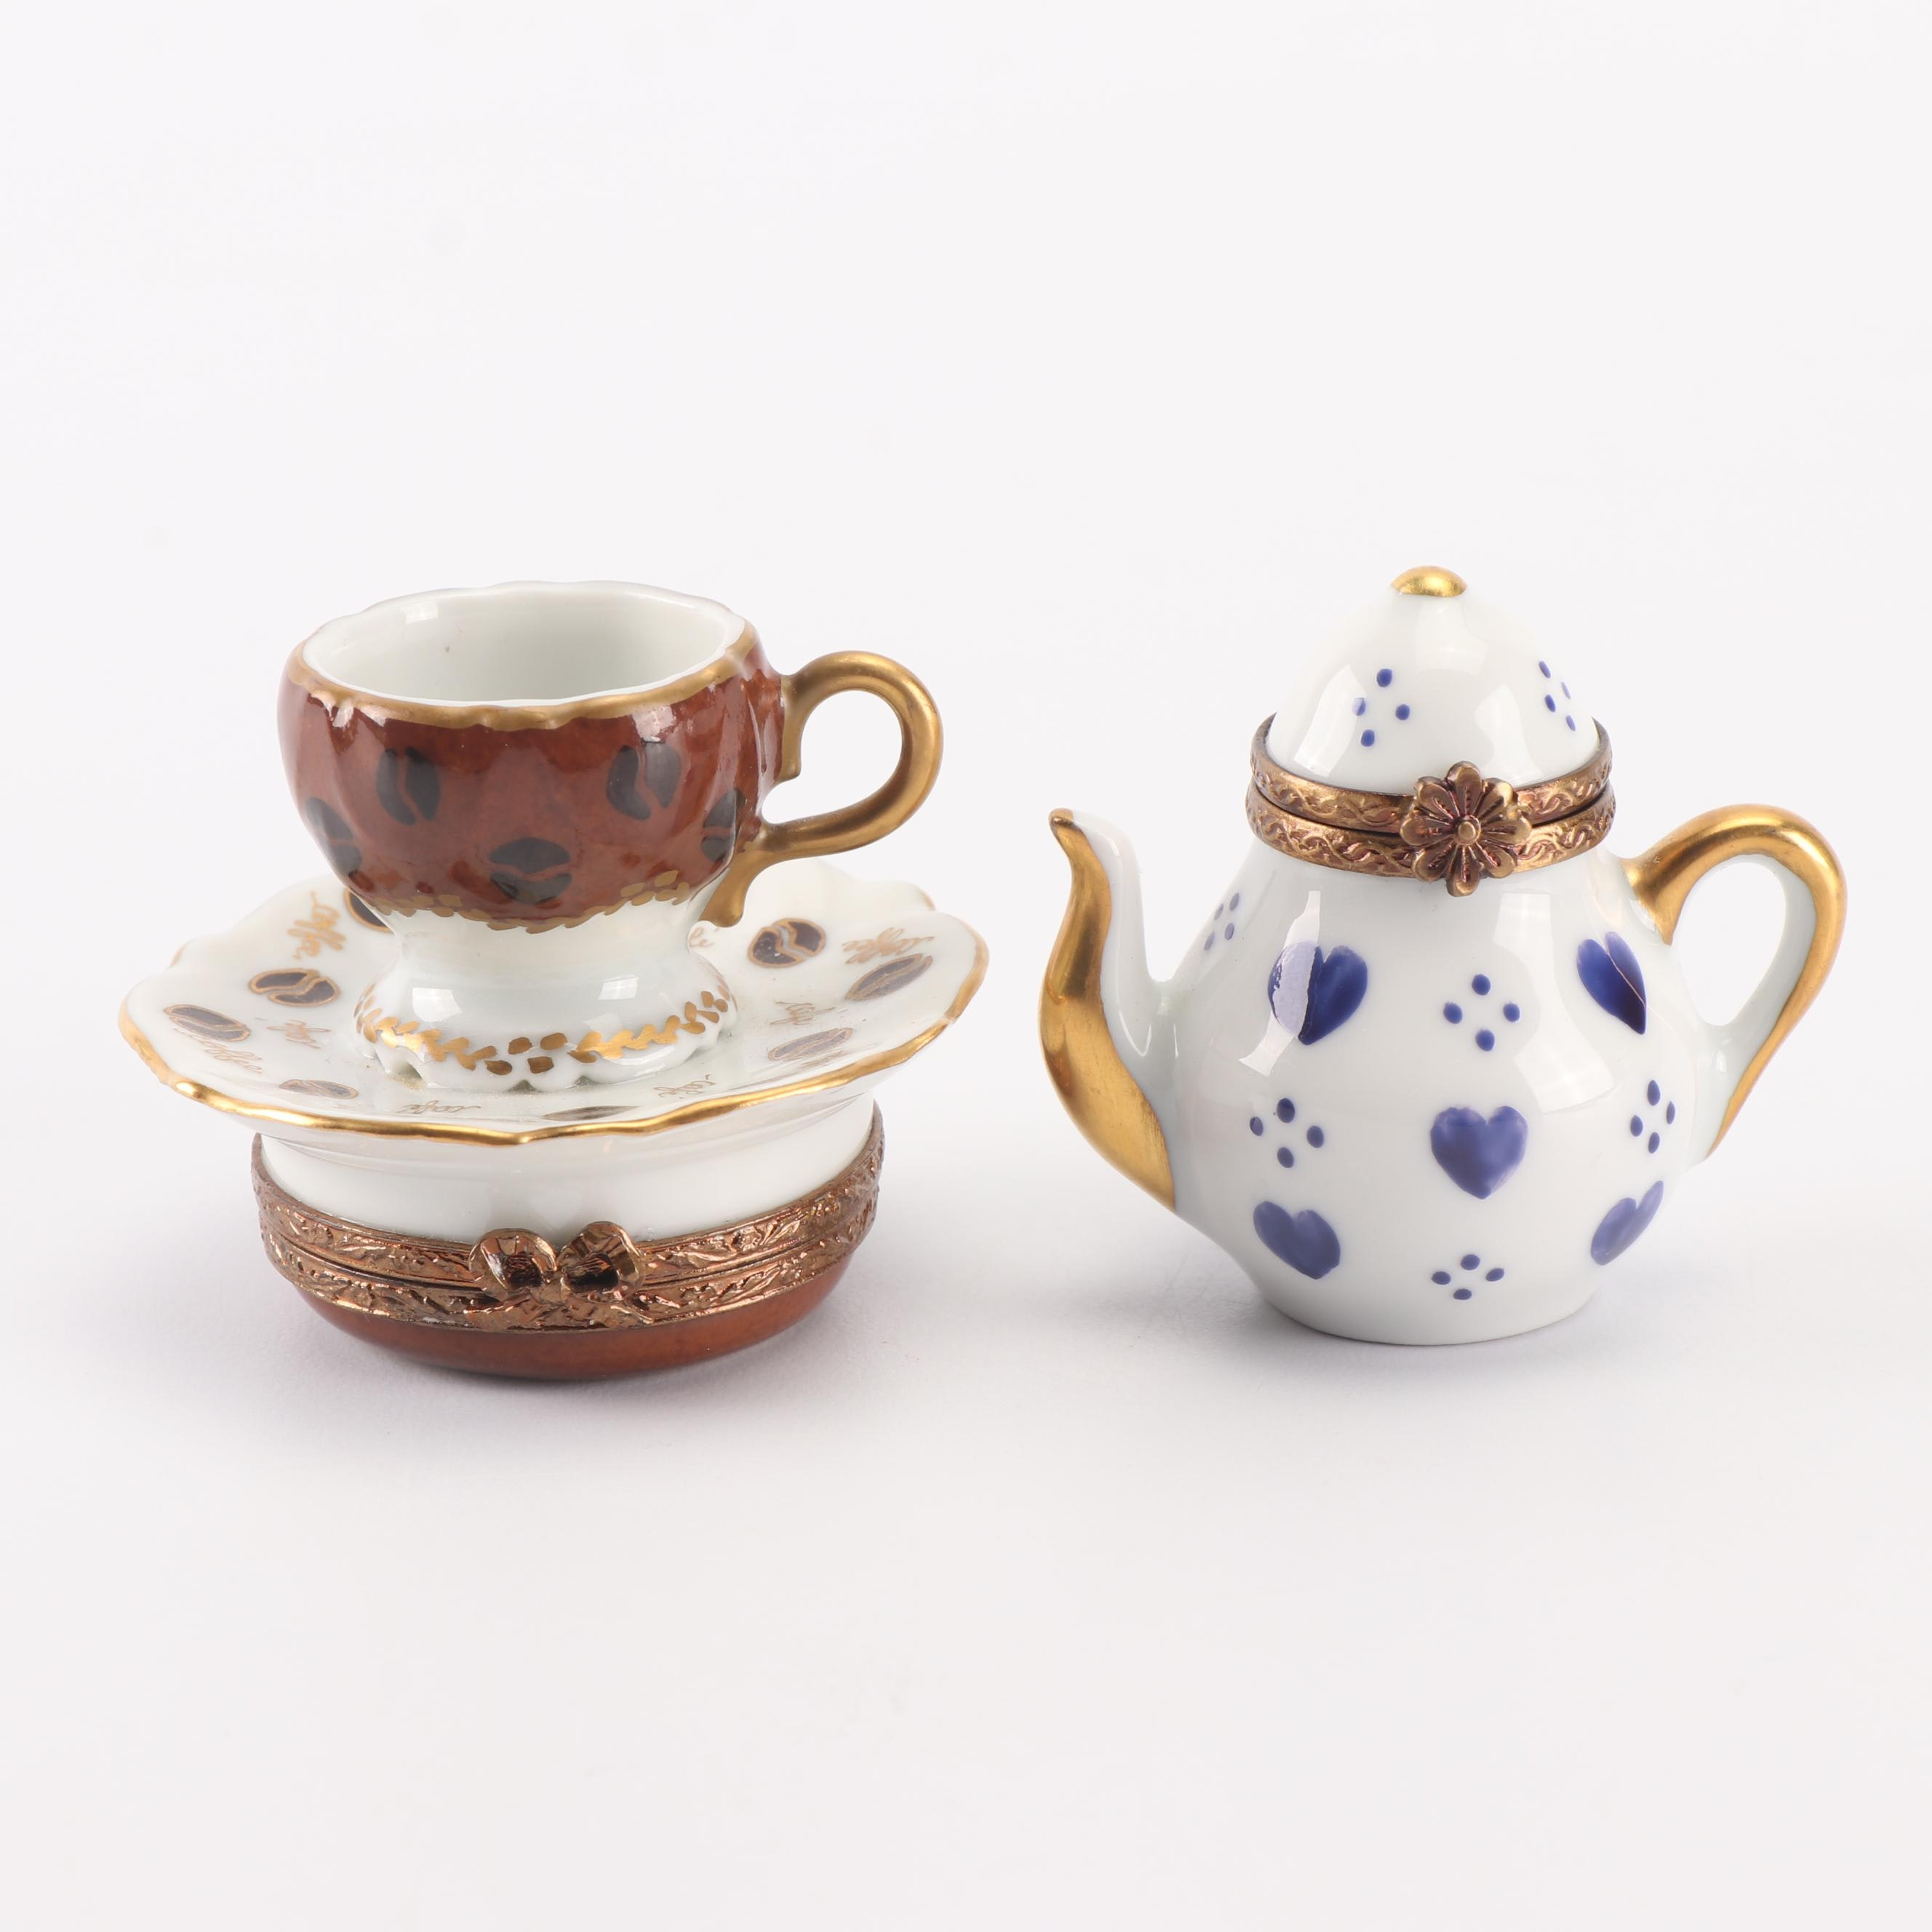 Limoges Porcelain Trinket Boxes including Rochard